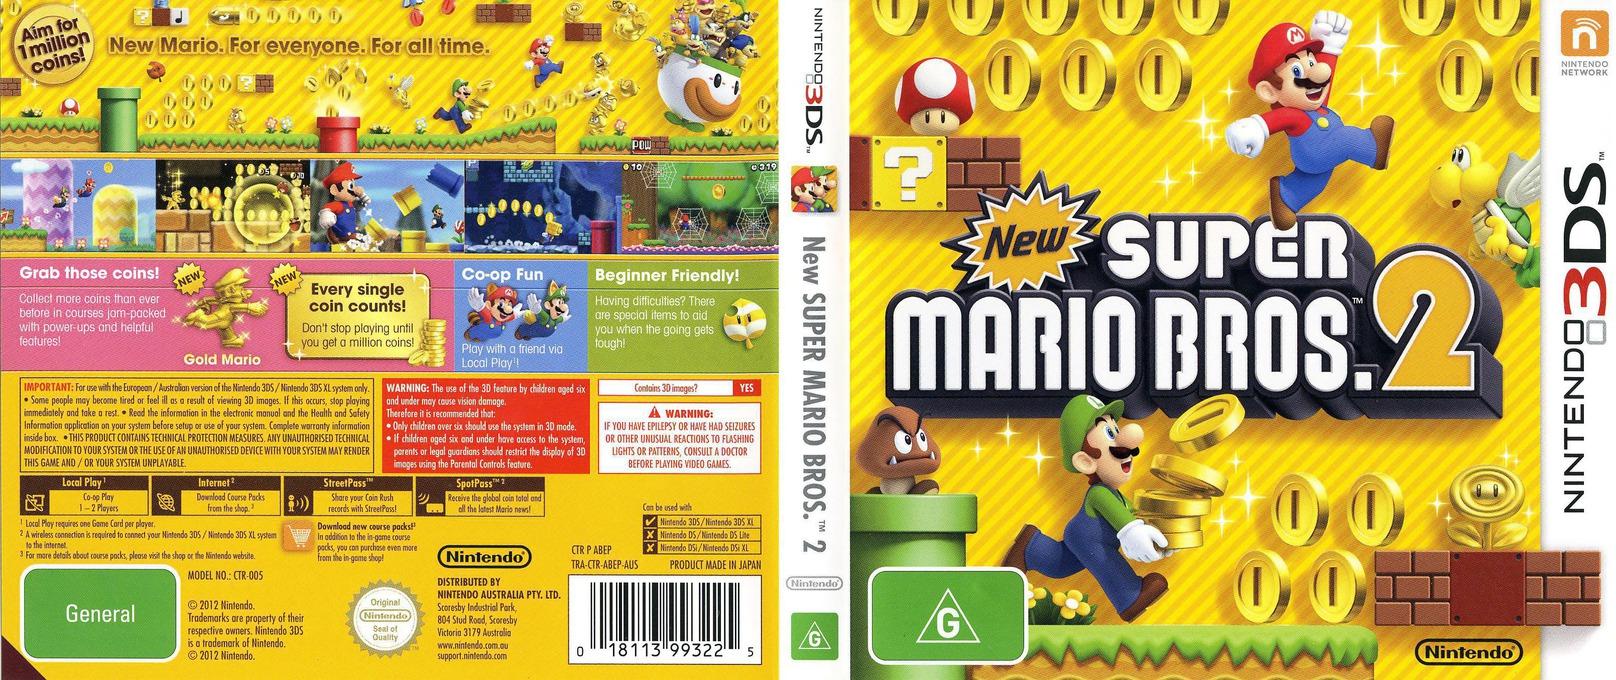 New Super Mario Bros. 2 3DS coverfullHQ (ABEP)